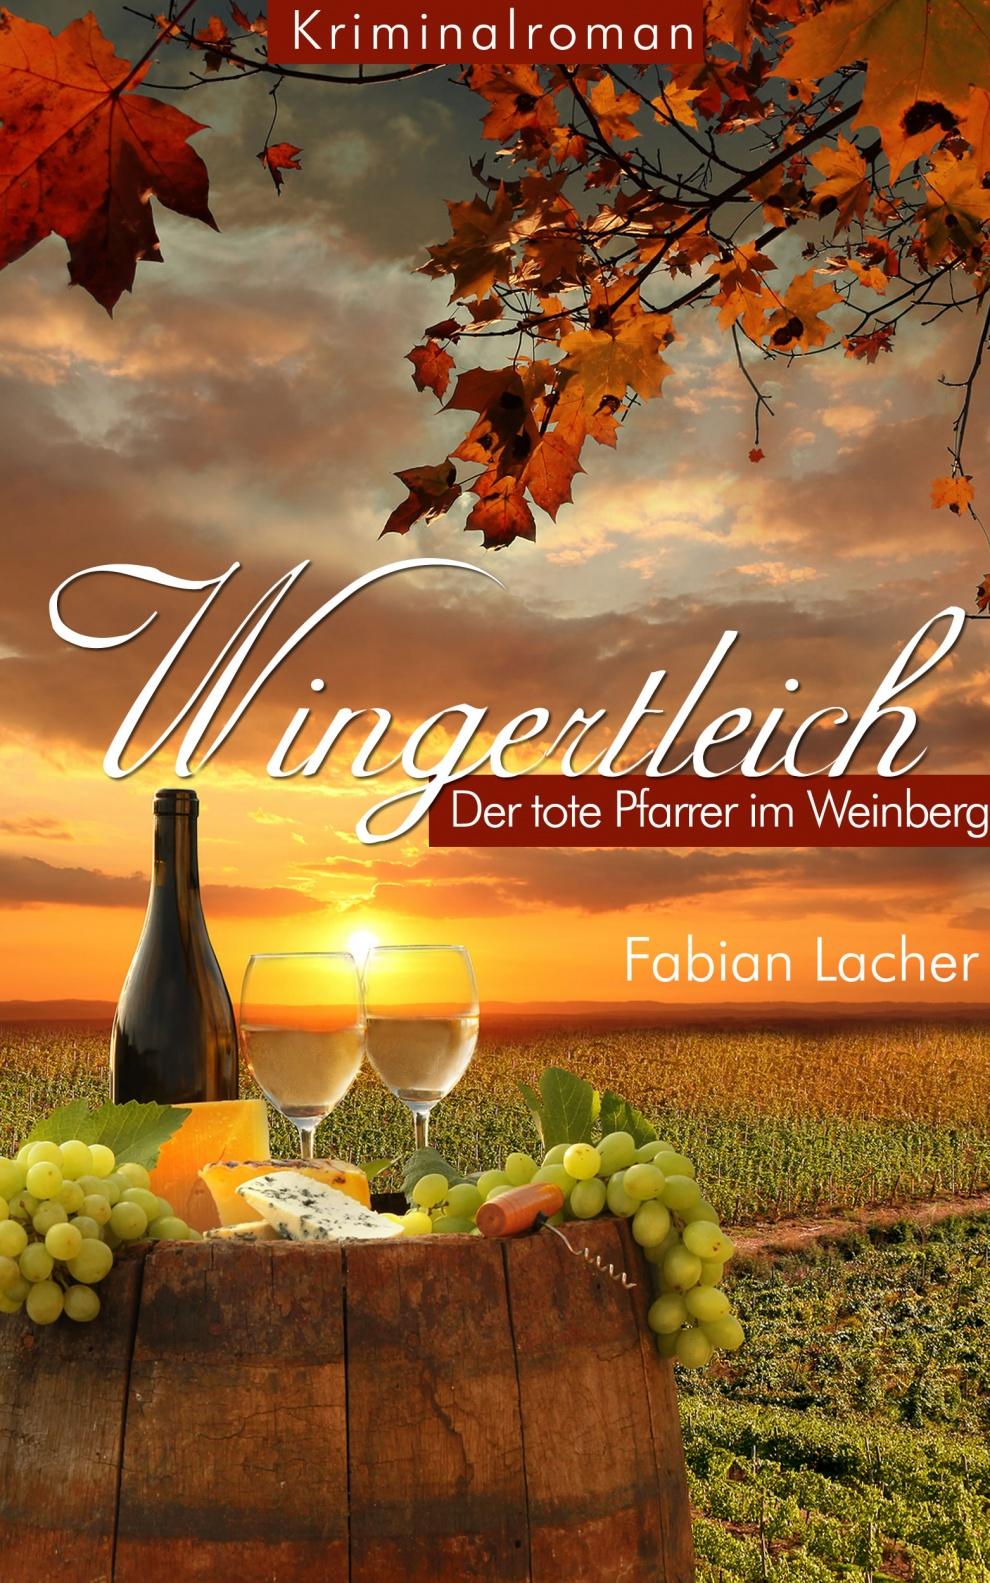 Wingertleich von Fabian Lacher, ein Krimi der fesselt!